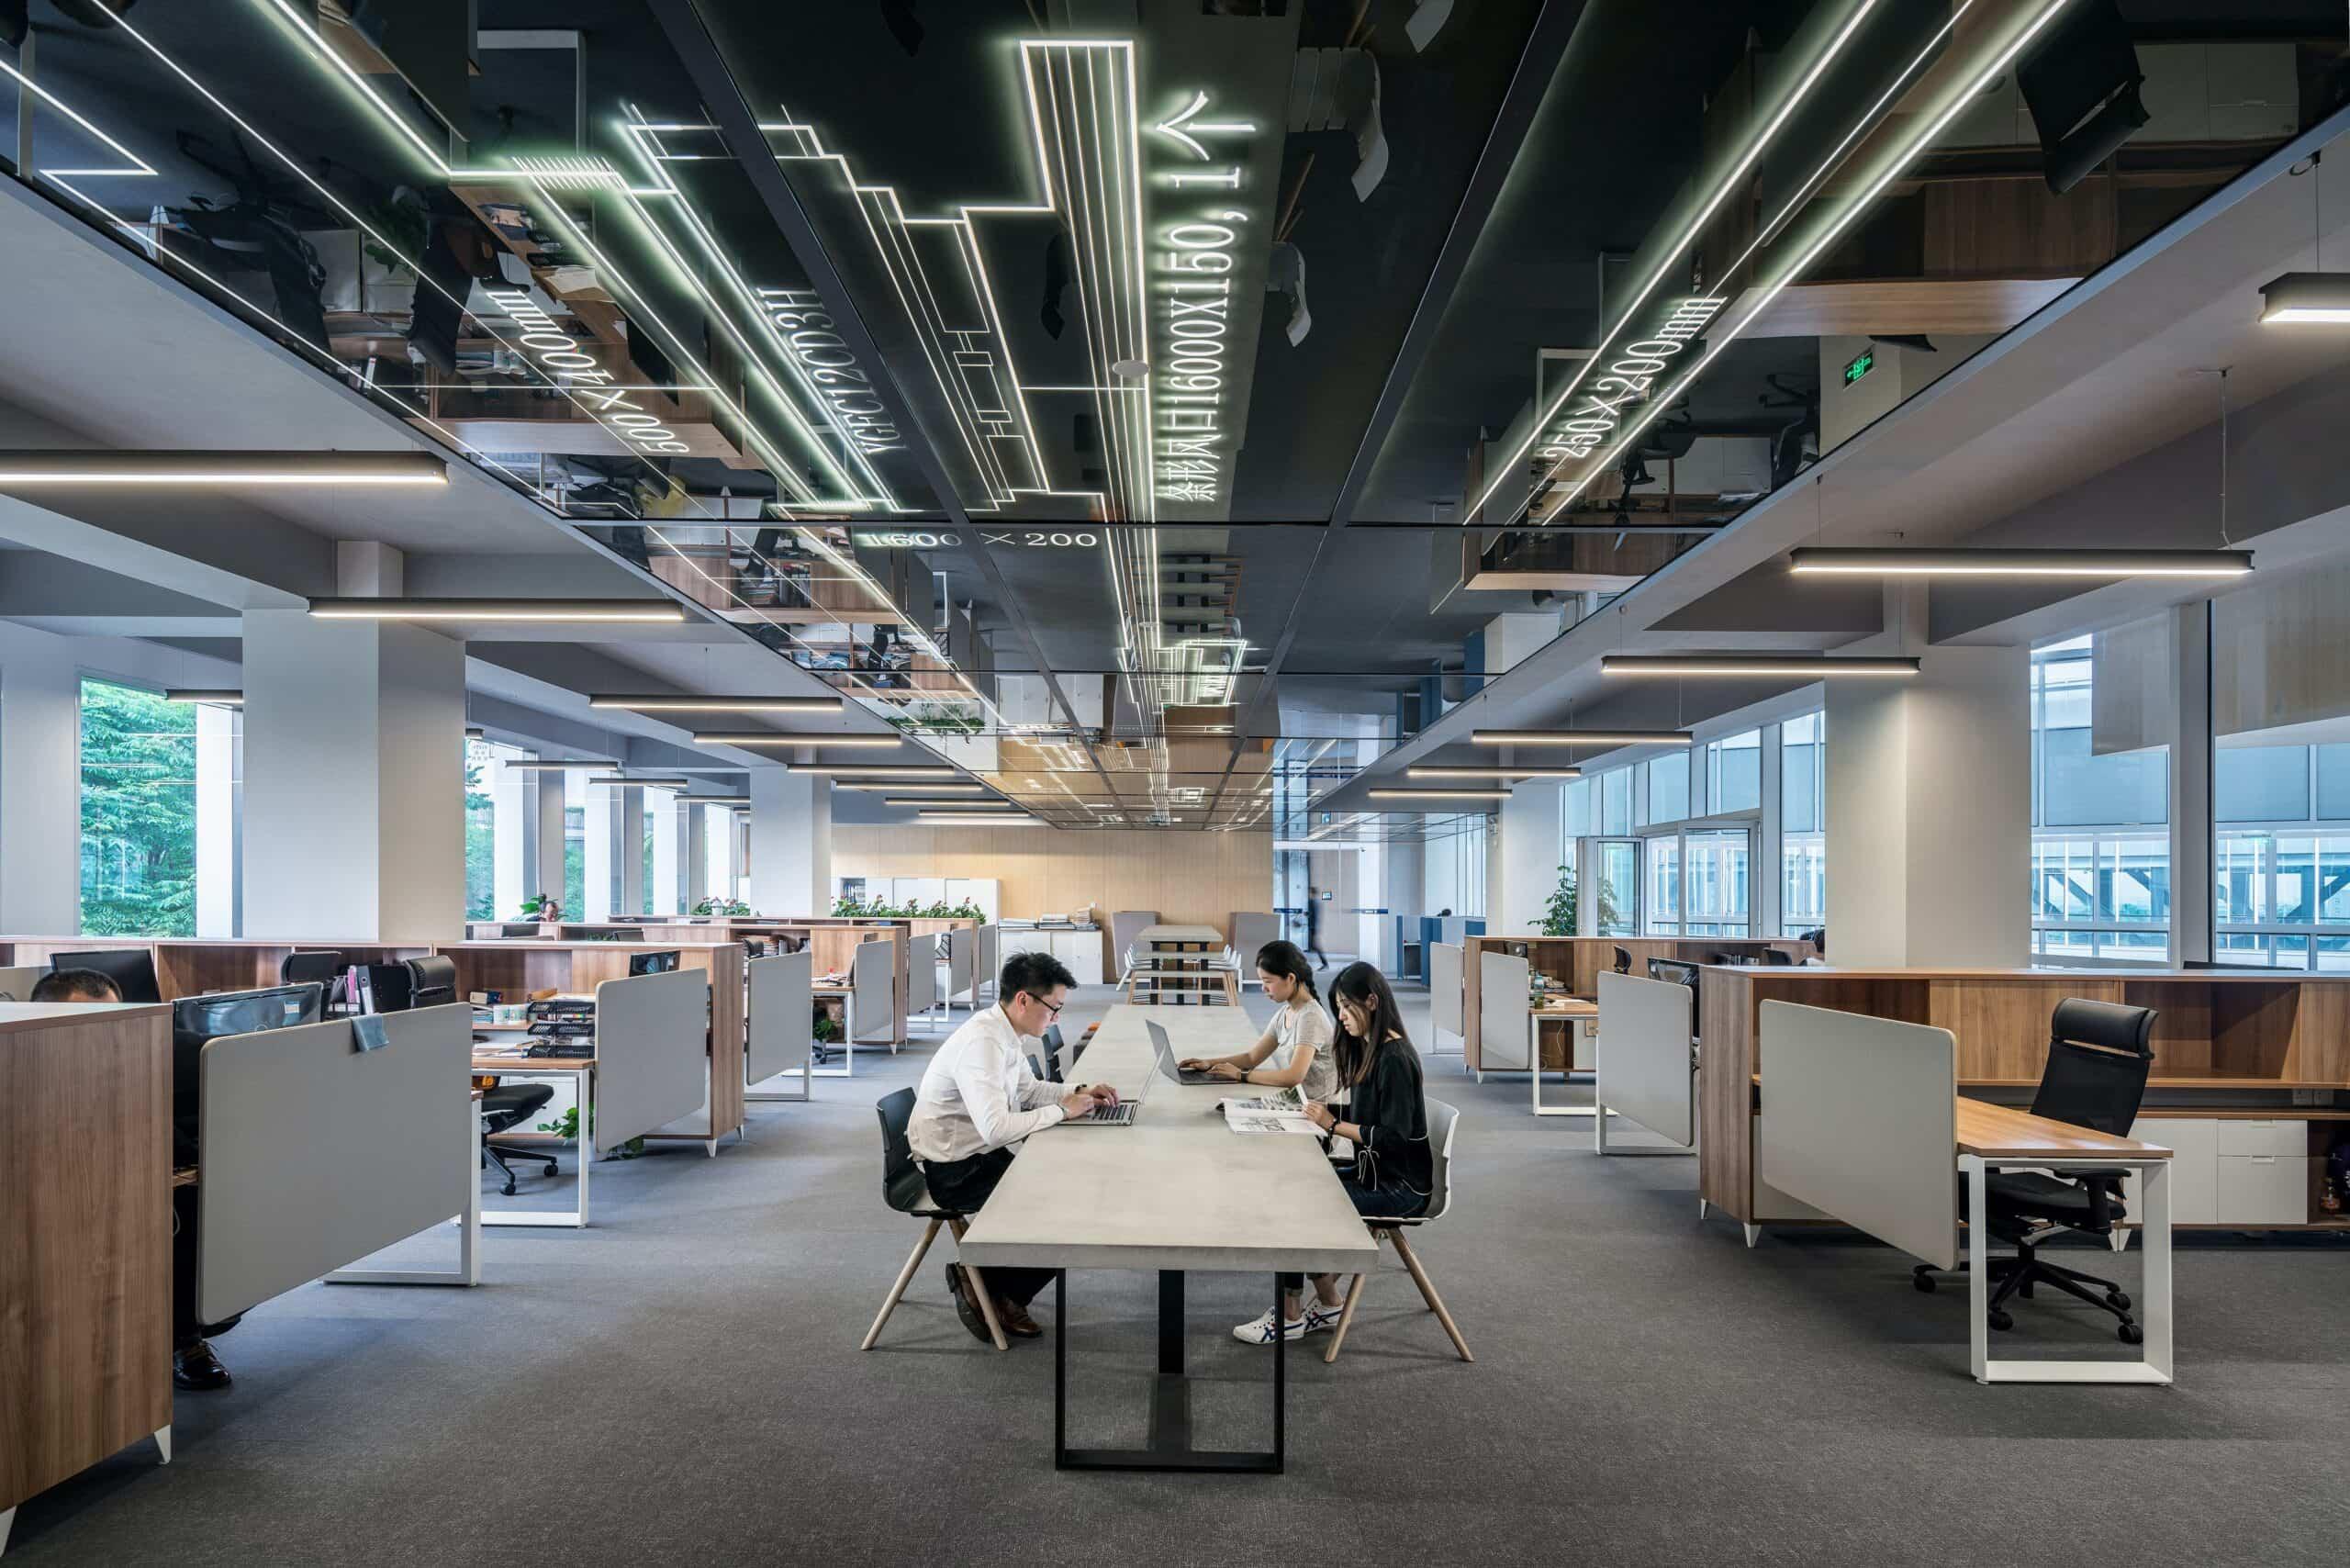 siemens anuncia uno de los mas innovadores despliegues del puesto de trabajo digital scaled